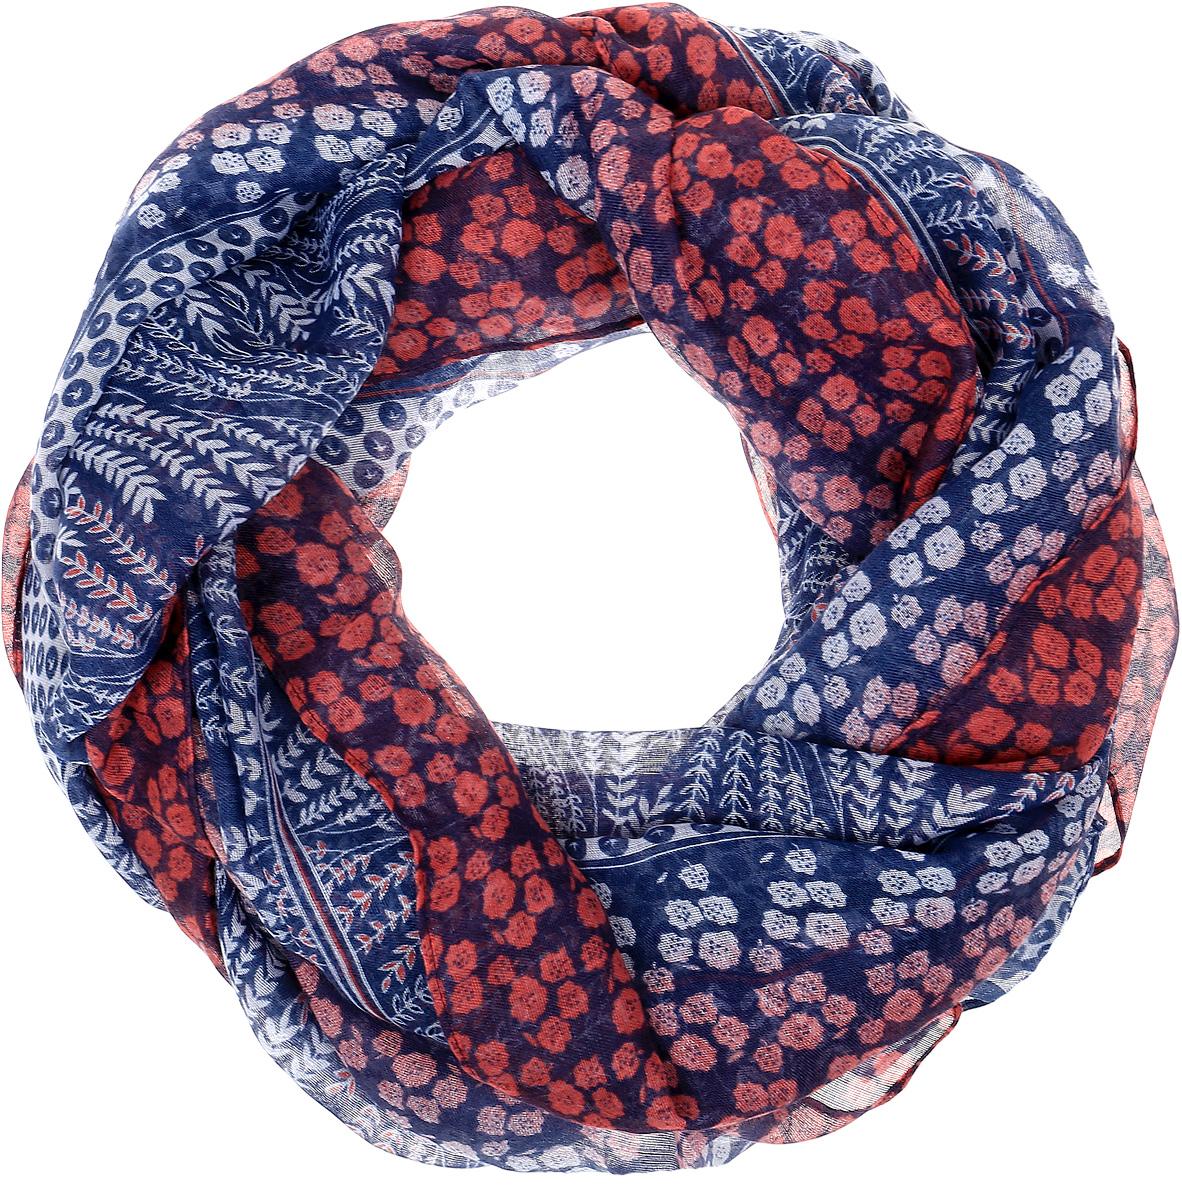 Палантин Sophie Ramage, цвет: синий, фуксия, белый. SJ-21601. Размер 80 см х 180 смSJ-21601Элегантный палантин Sophie Ramage станет достойным завершением вашего образа. Палантин изготовлен из высококачественного модала с добавлением шелка. Оформлена модель цветочным принтом. Палантин красиво драпируется, он превосходно дополнит любой наряд и подчеркнет ваш изысканный вкус. Легкий и изящный палантин привнесет в ваш образ утонченность и шарм.